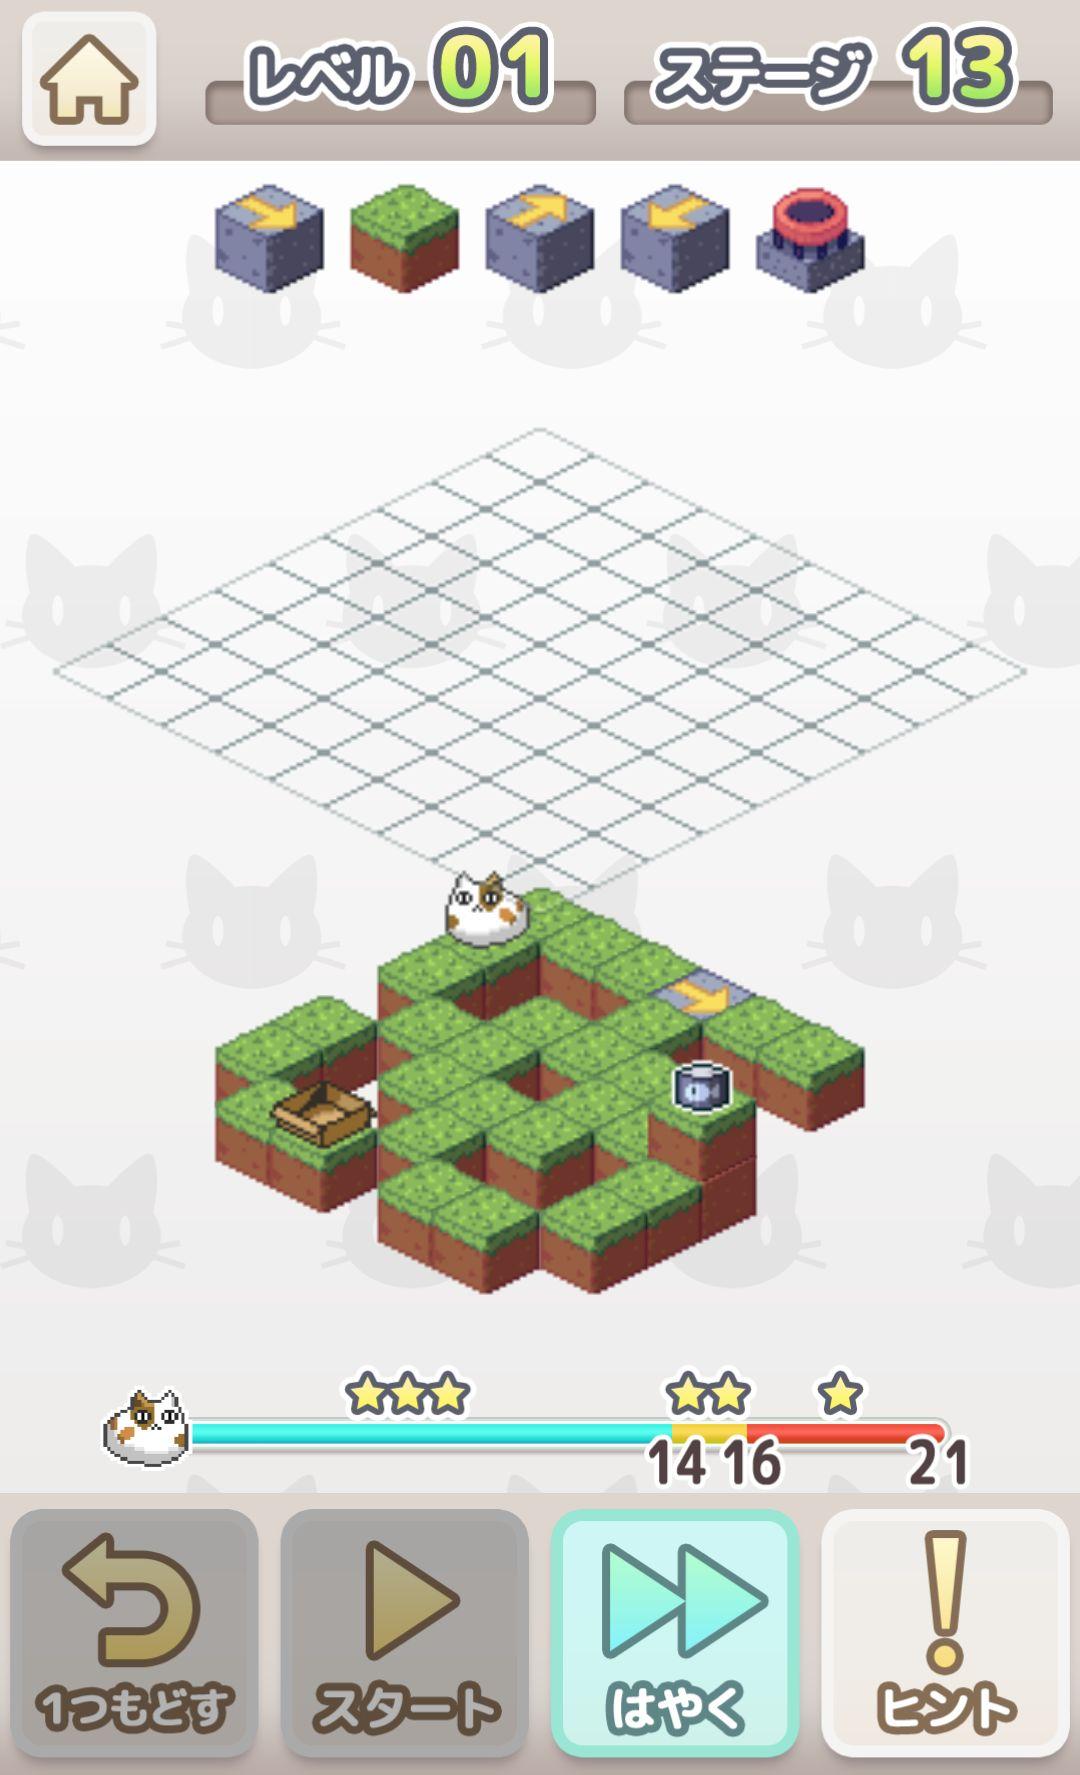 シュレディンガーの箱庭 androidアプリスクリーンショット3